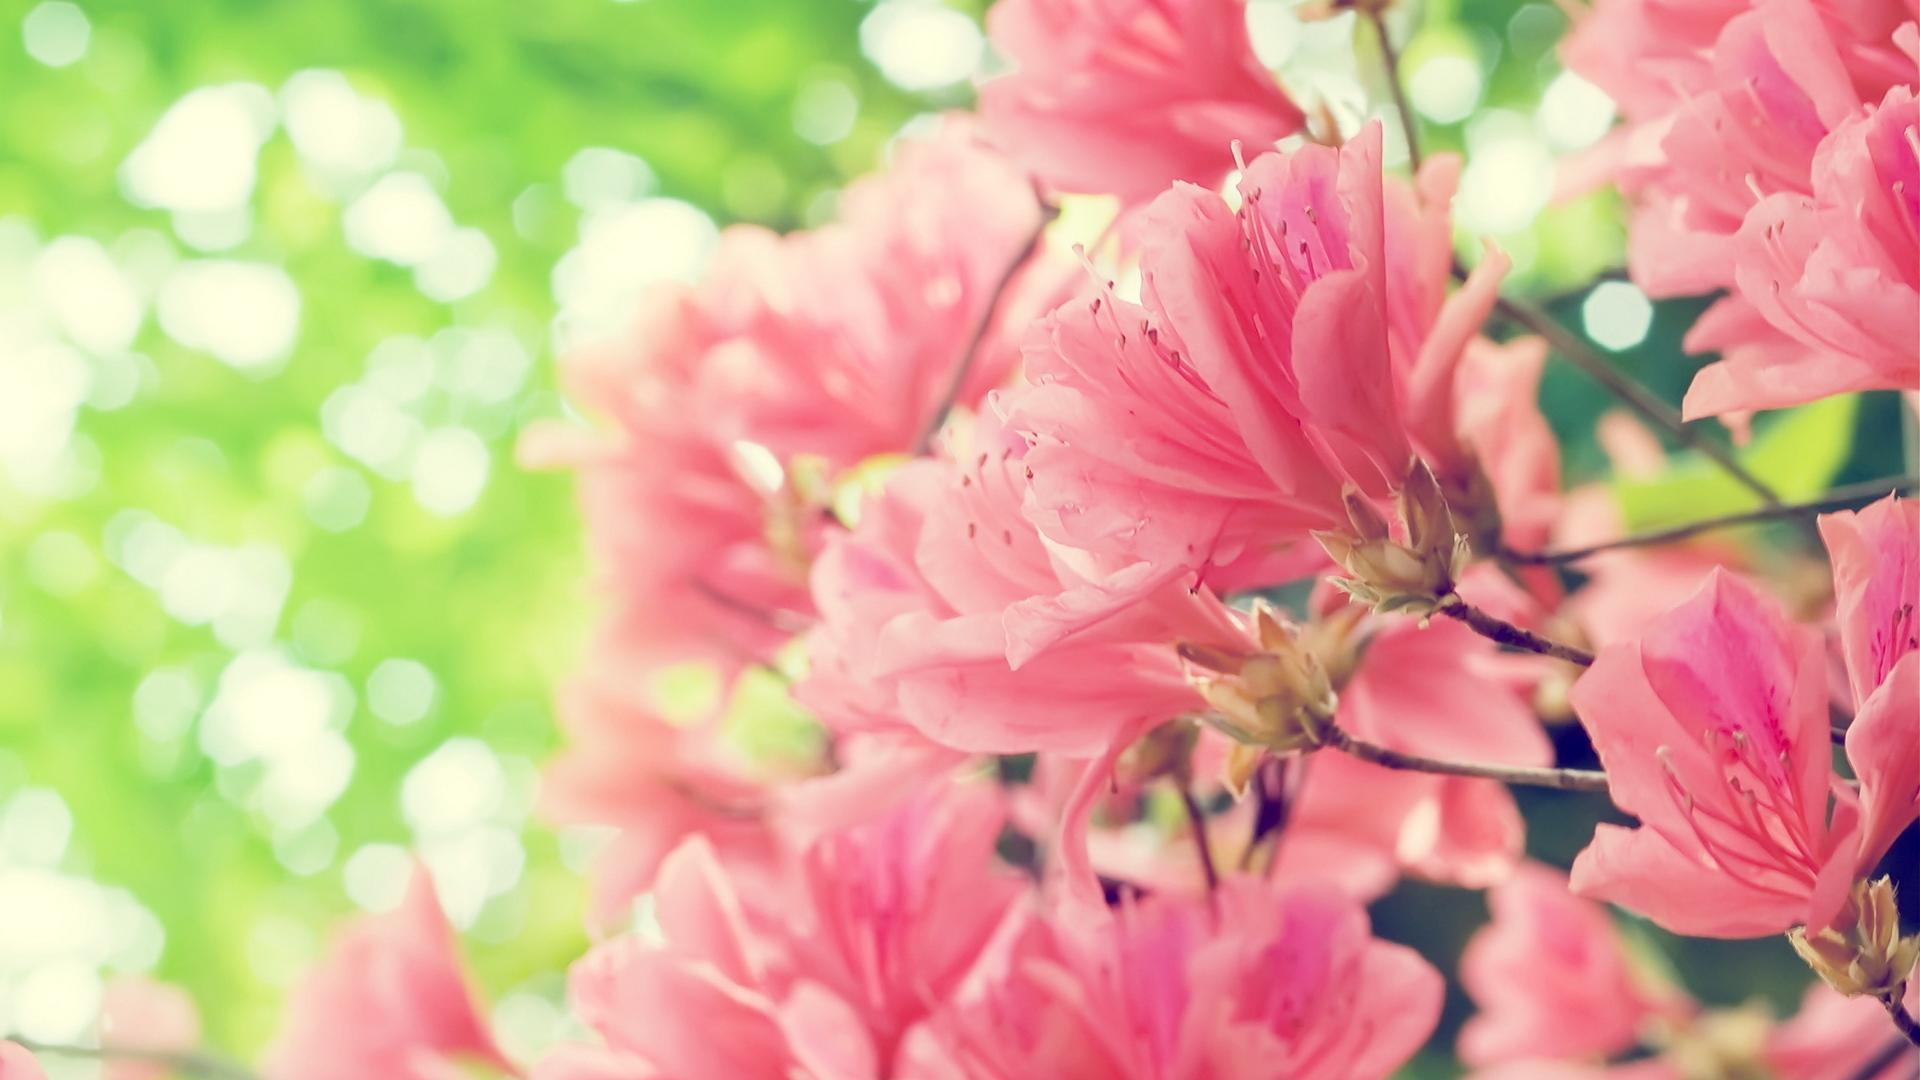 GlissadeМолодая розові заставки на телефон при носке